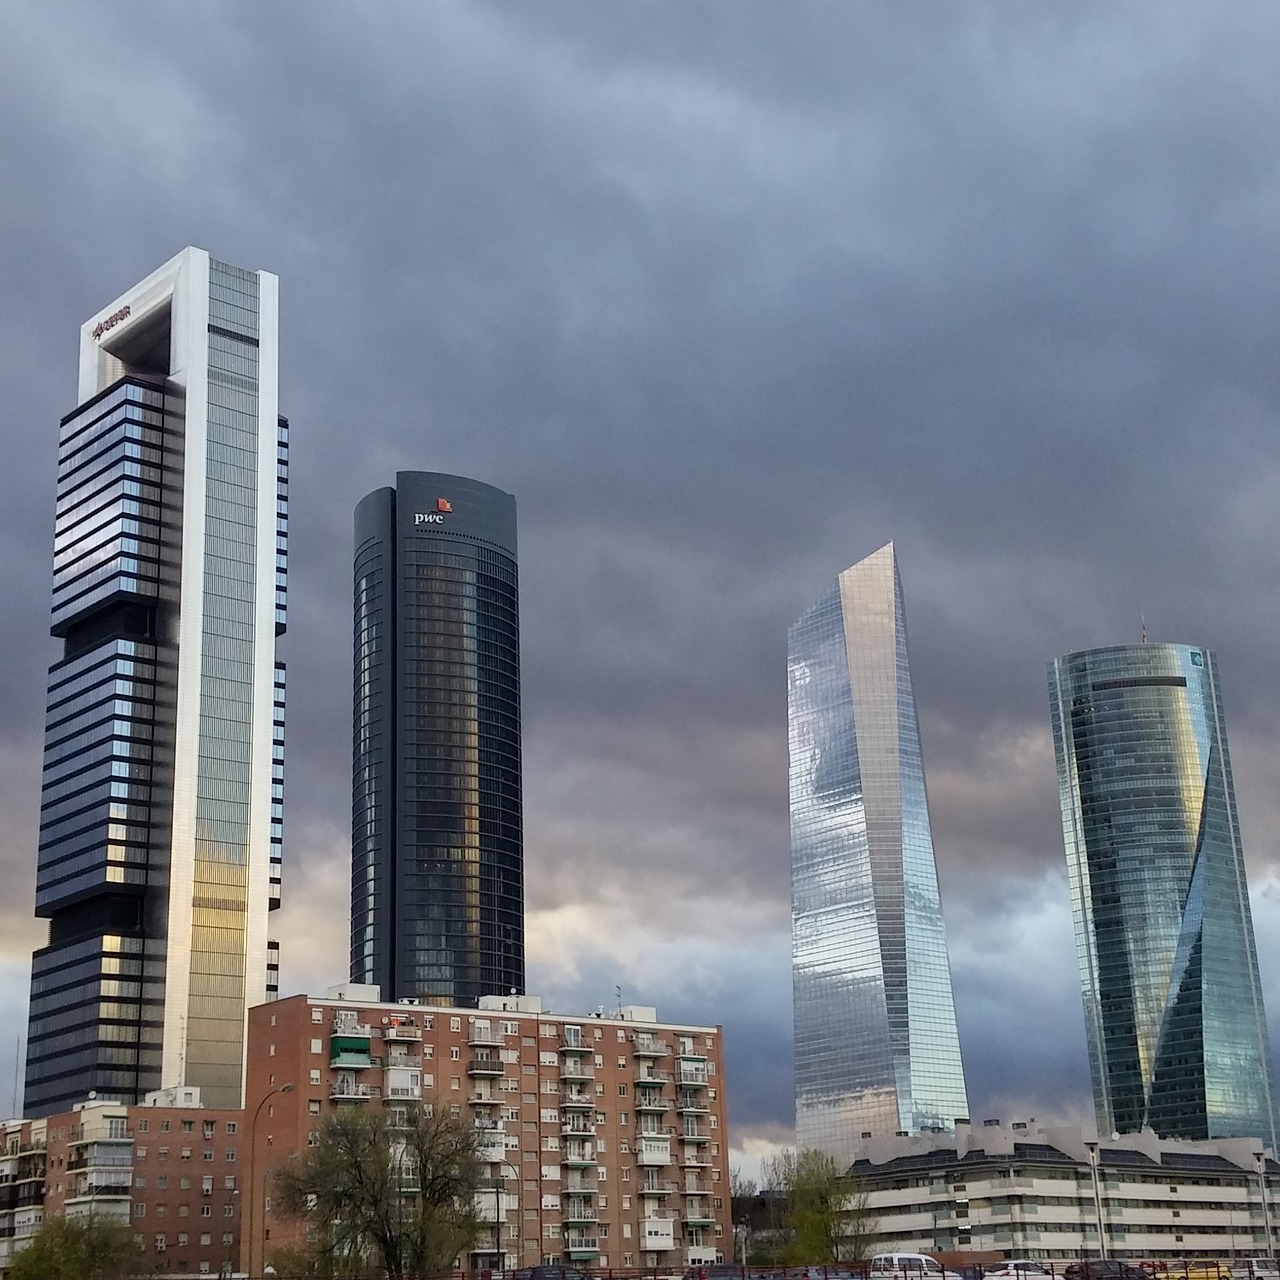 La arquitectura moderna de madrid meraviglia for Arquitectura moderna